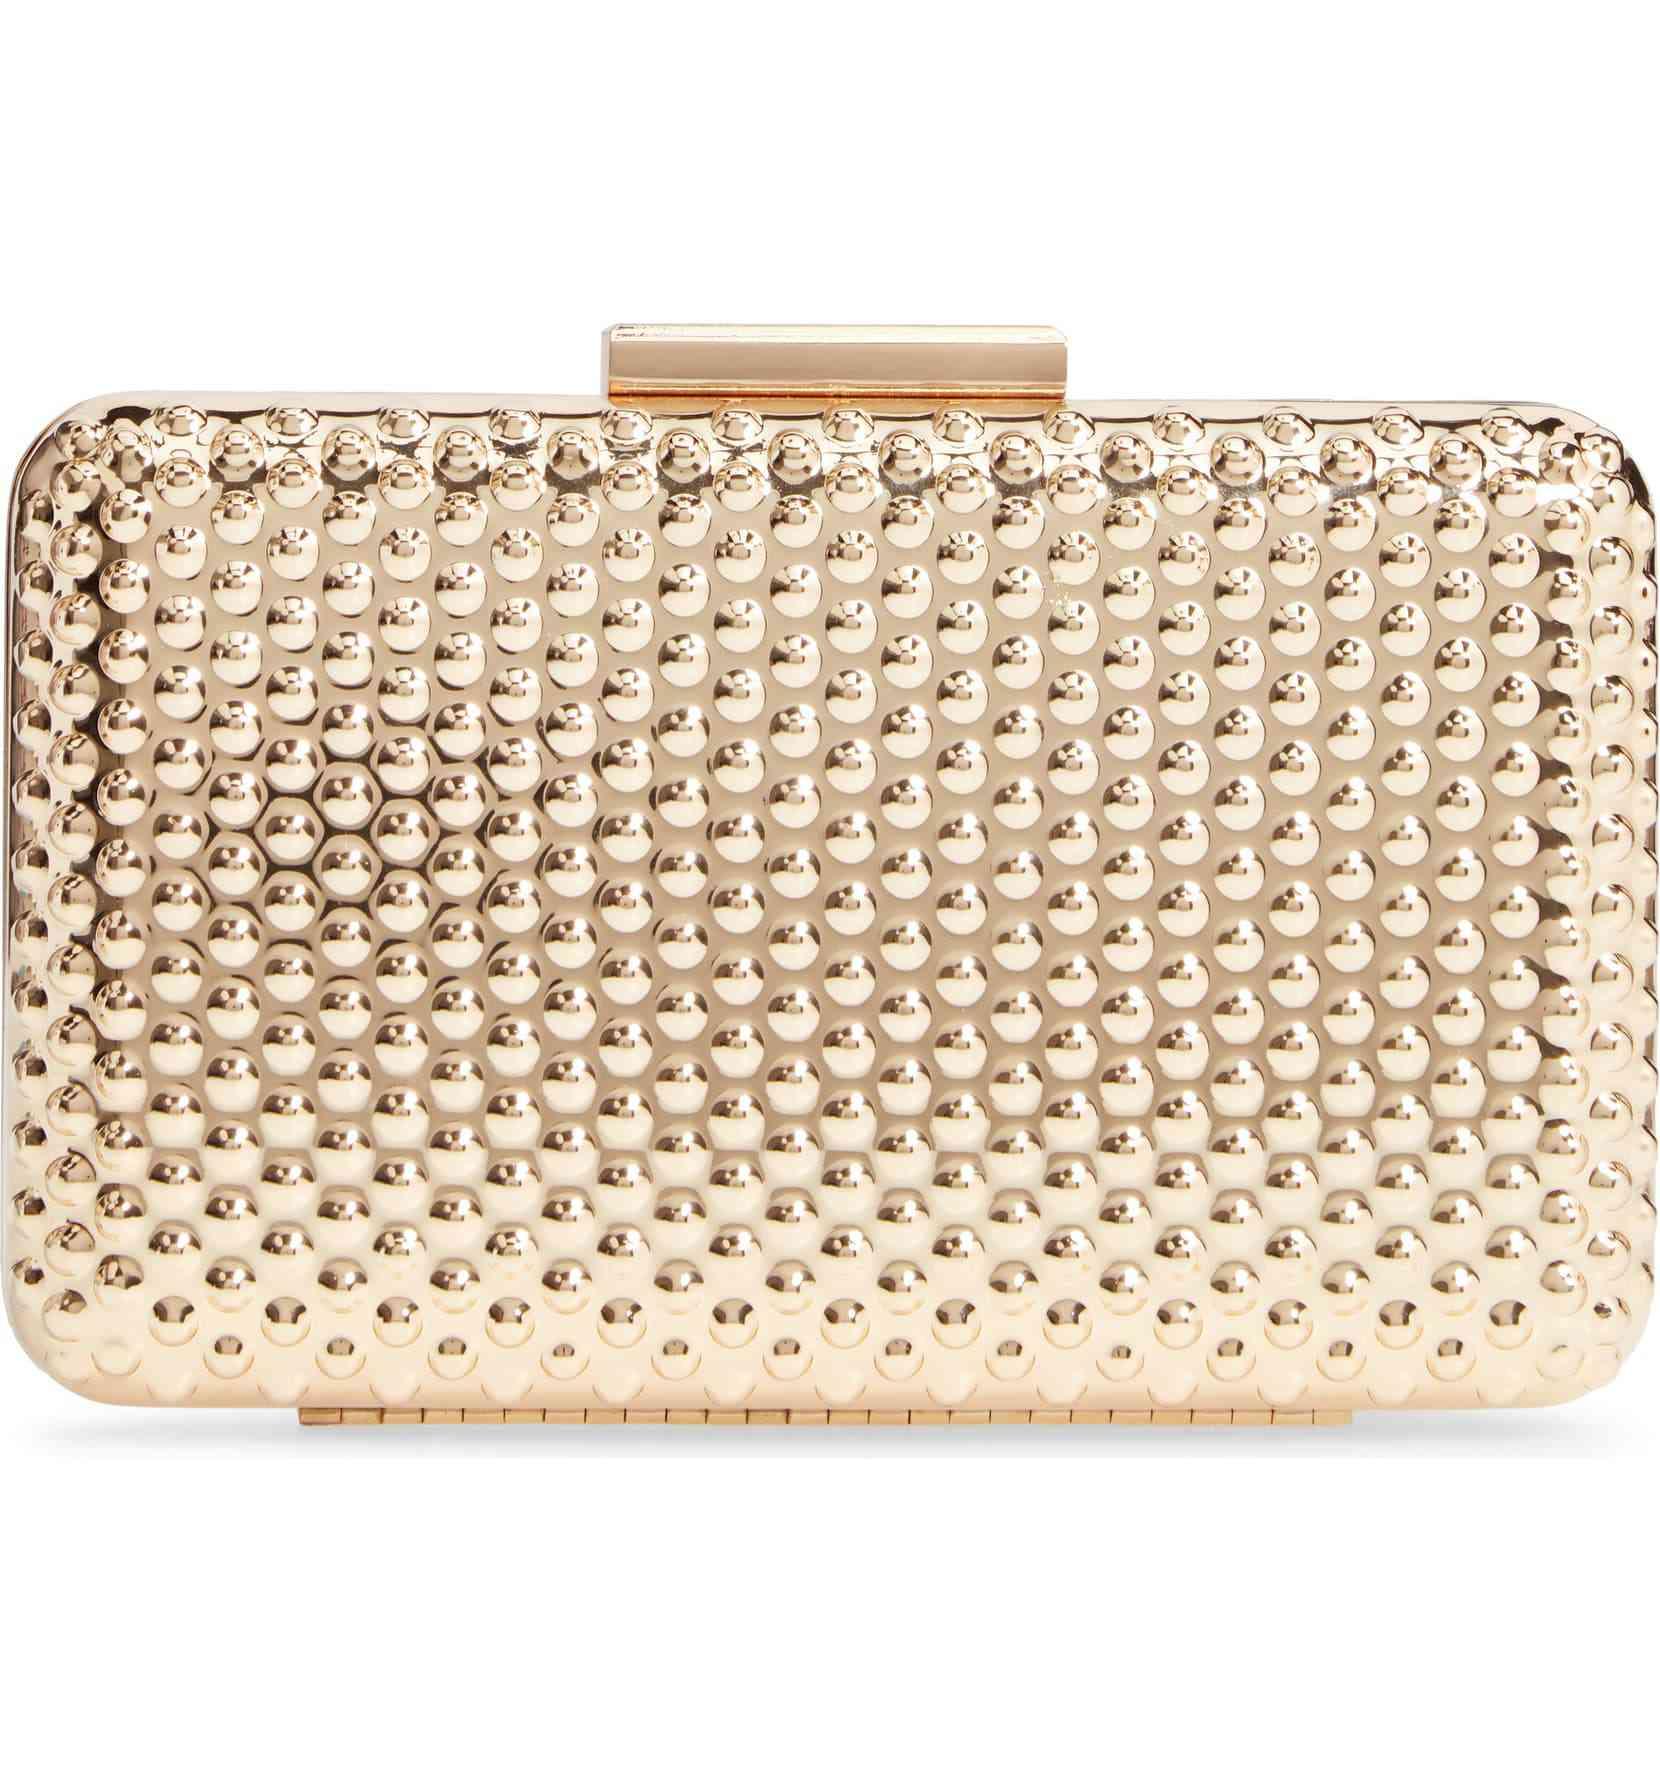 A gold tone box-shaped clutch purse.